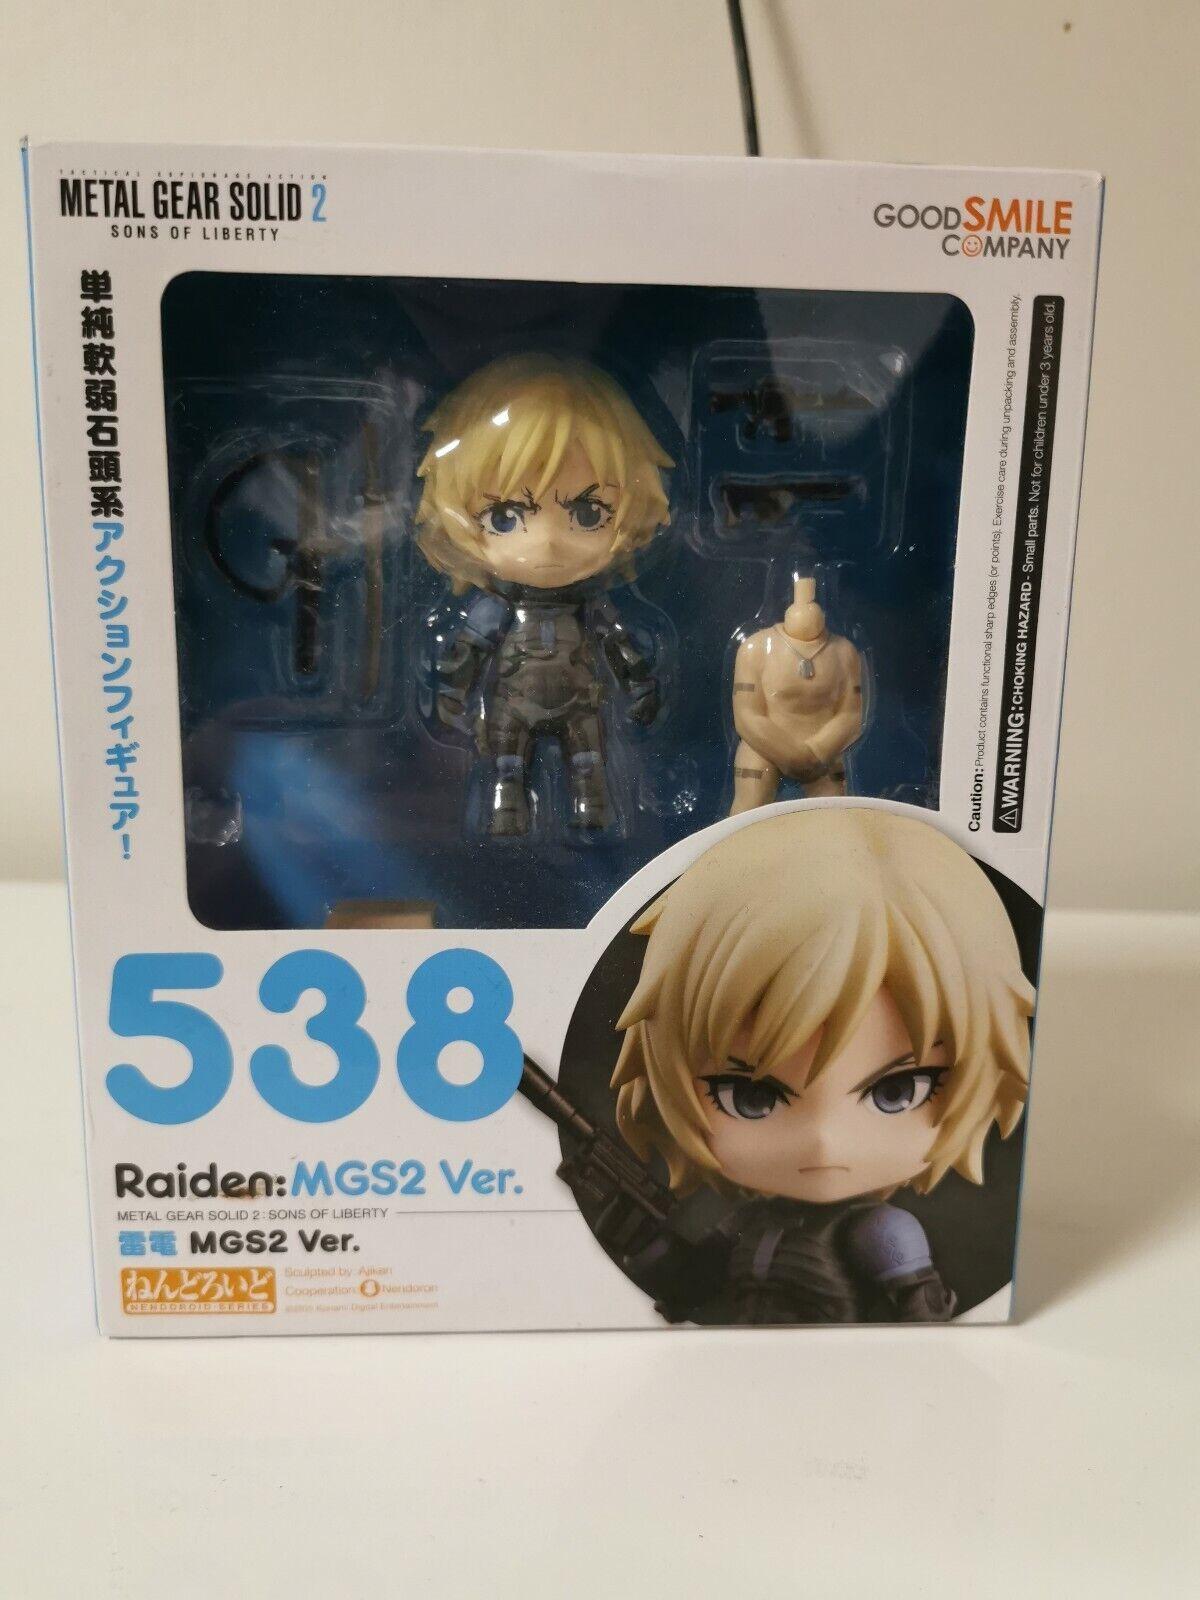 Nouveau Nendoroid 538 Metal Gear Solid 2 Raiden Mgs2 Ver. Figurine de Japon